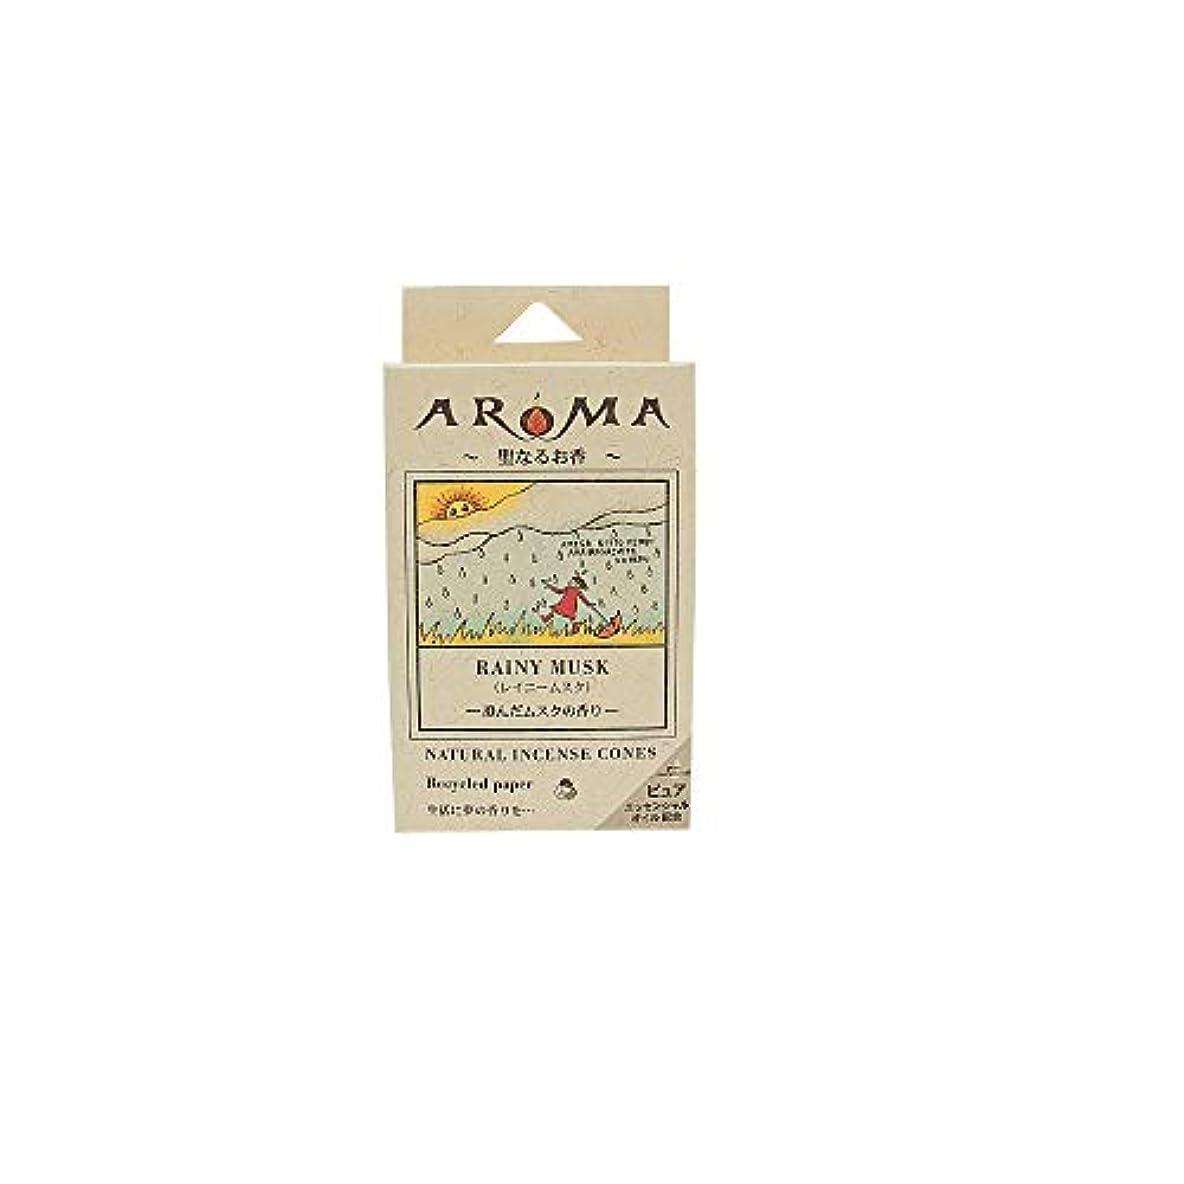 イソギンチャクファントム損なうアロマ香 レイニームスク 16粒(コーンタイプインセンス 1粒の燃焼時間約20分 澄んだムスクの香り)